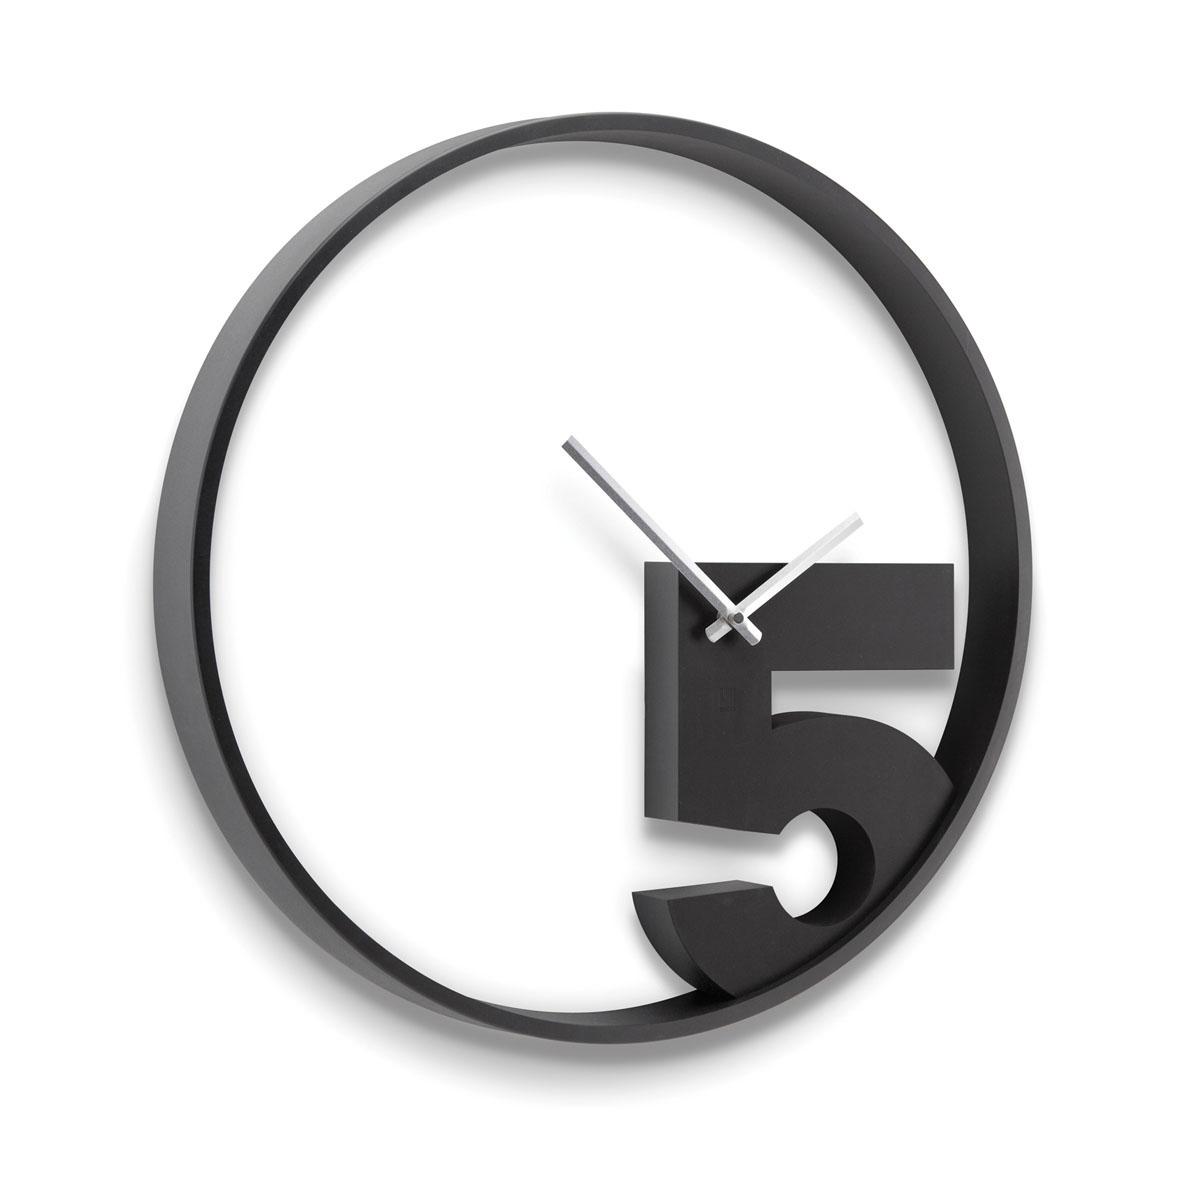 Часы настенные Take 5 черные300074_ежевикаЧасы только с одной цифрой 5, которую ждут все люди, у которых в это время заканчивается работа. Характеристики: Материал: полистерол.Размер: 52 х 3,2 х 4 см.Цвет: Черный.Артикул: 118998-040.